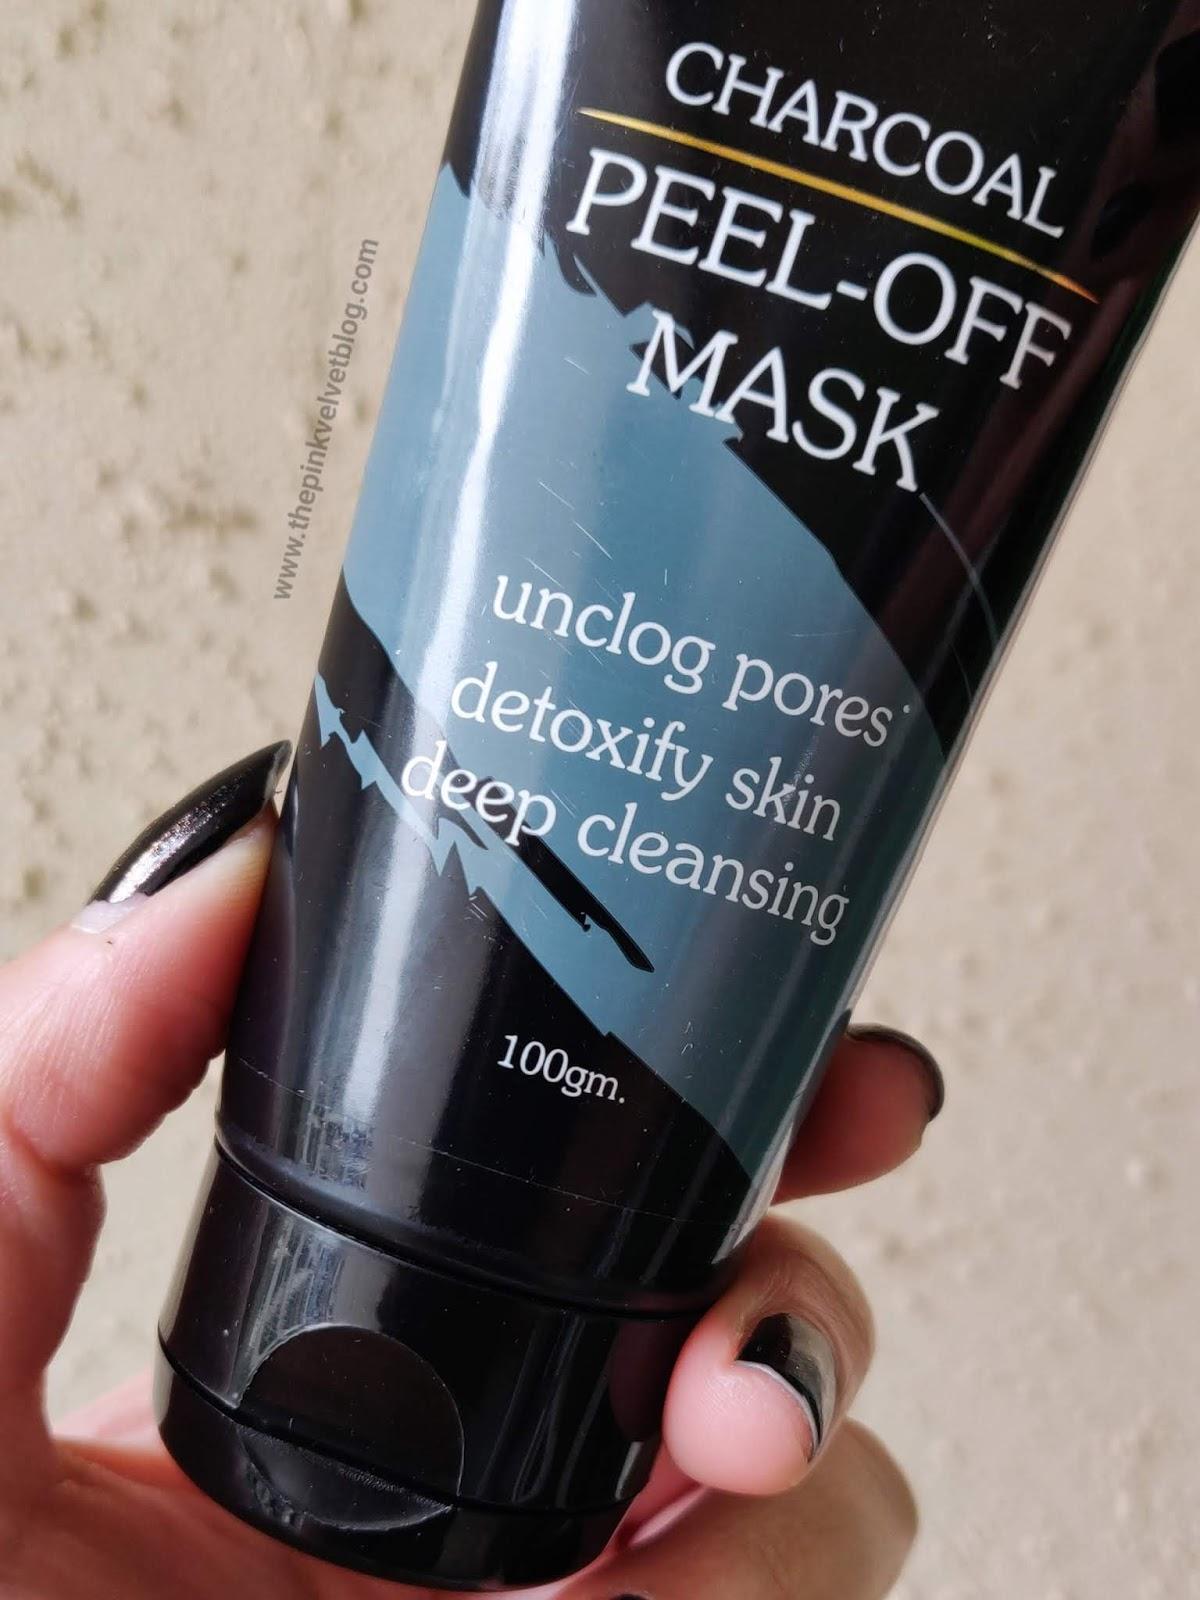 Beard Hood Charcoal Blackhead Peel-off Mask - Review